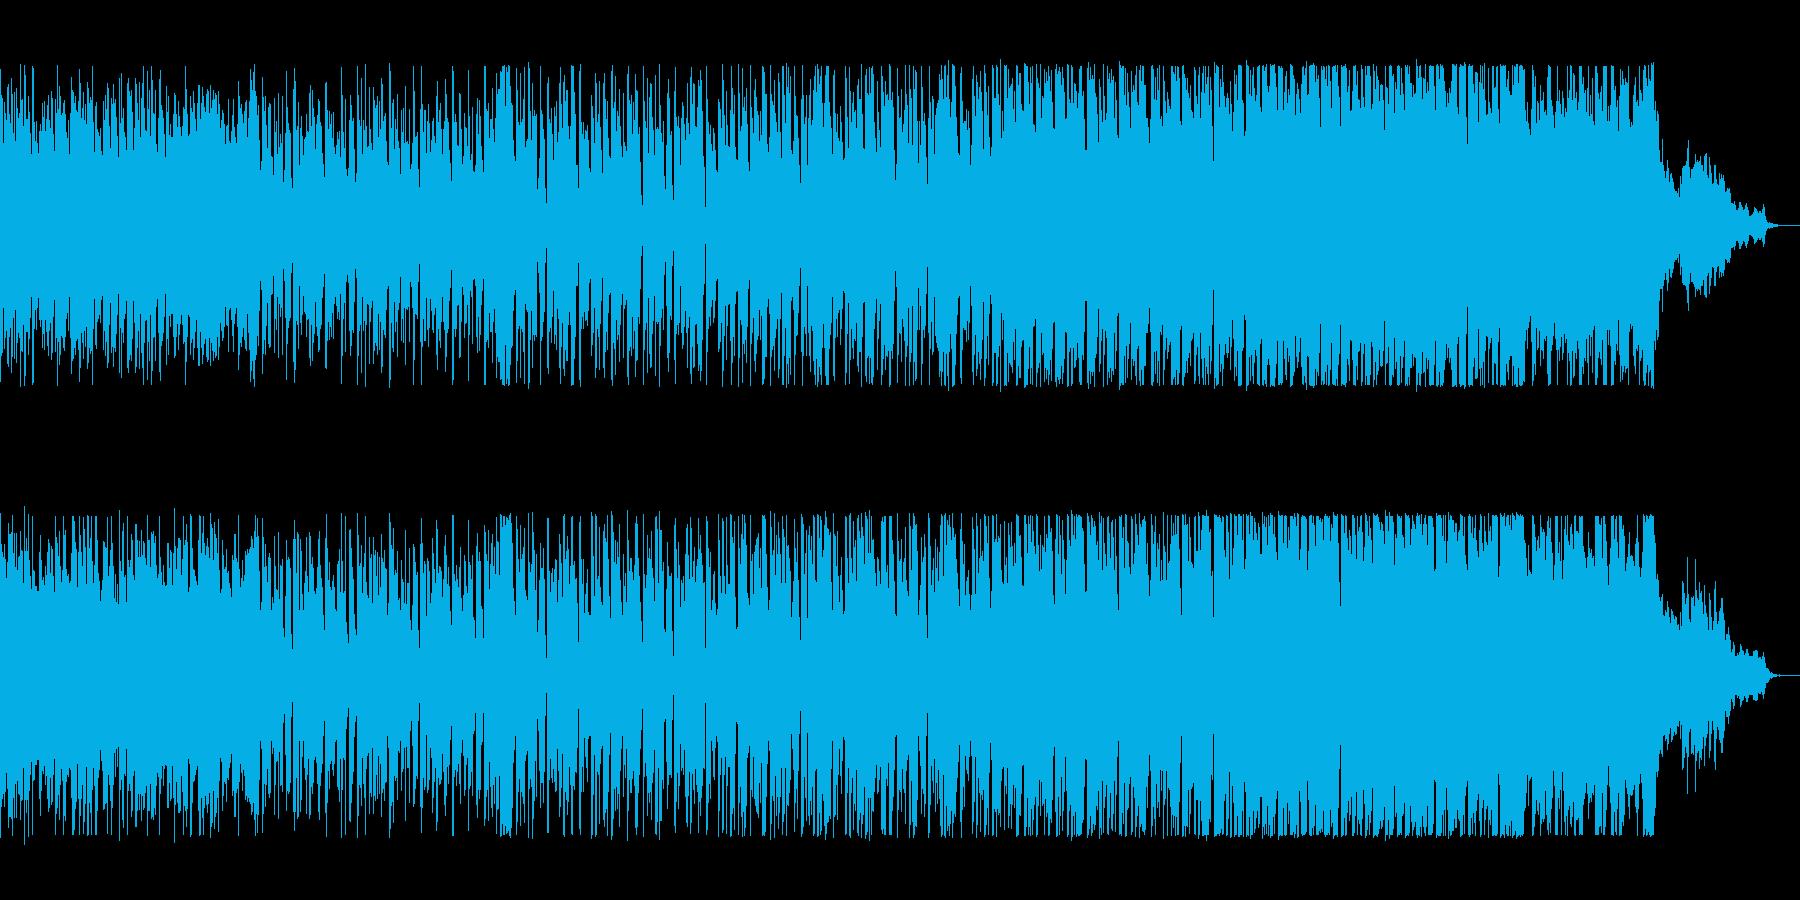 おしゃれで陽気なポップミュージックの再生済みの波形